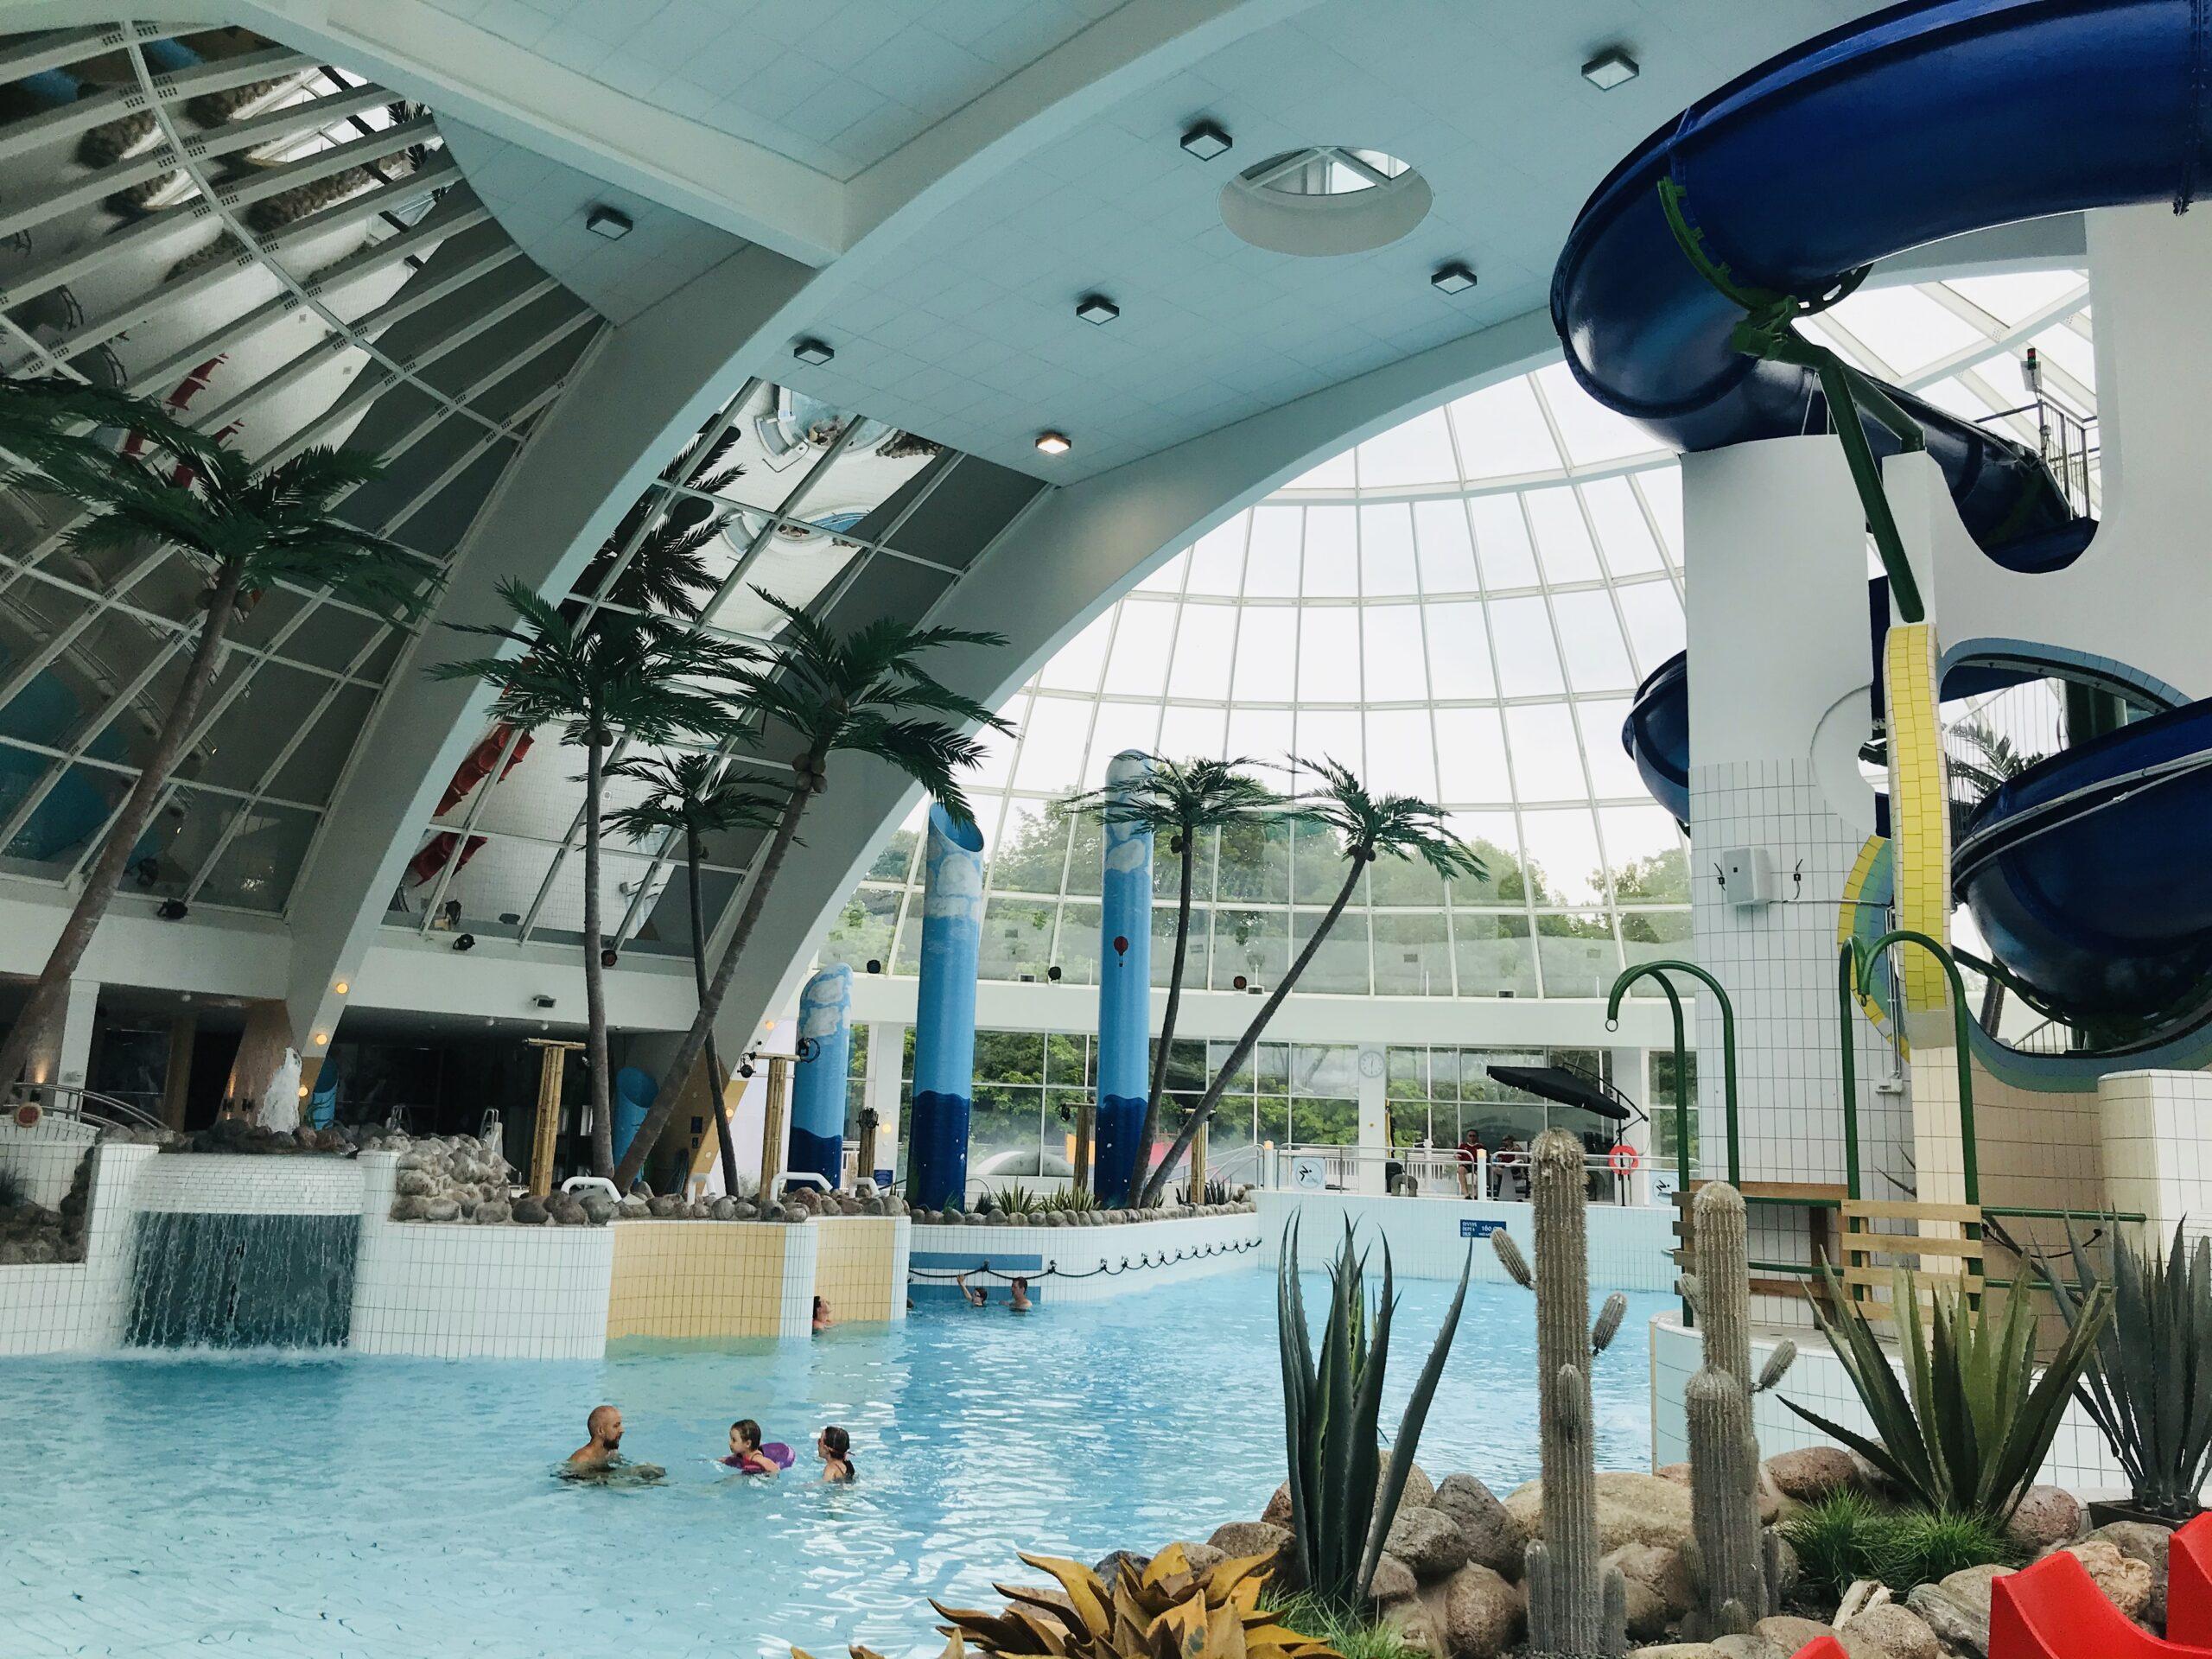 Scandic Eden Nokian kylpyläosasto, jossa on useita uima- ja porealtaita sekä liukumäkiä.